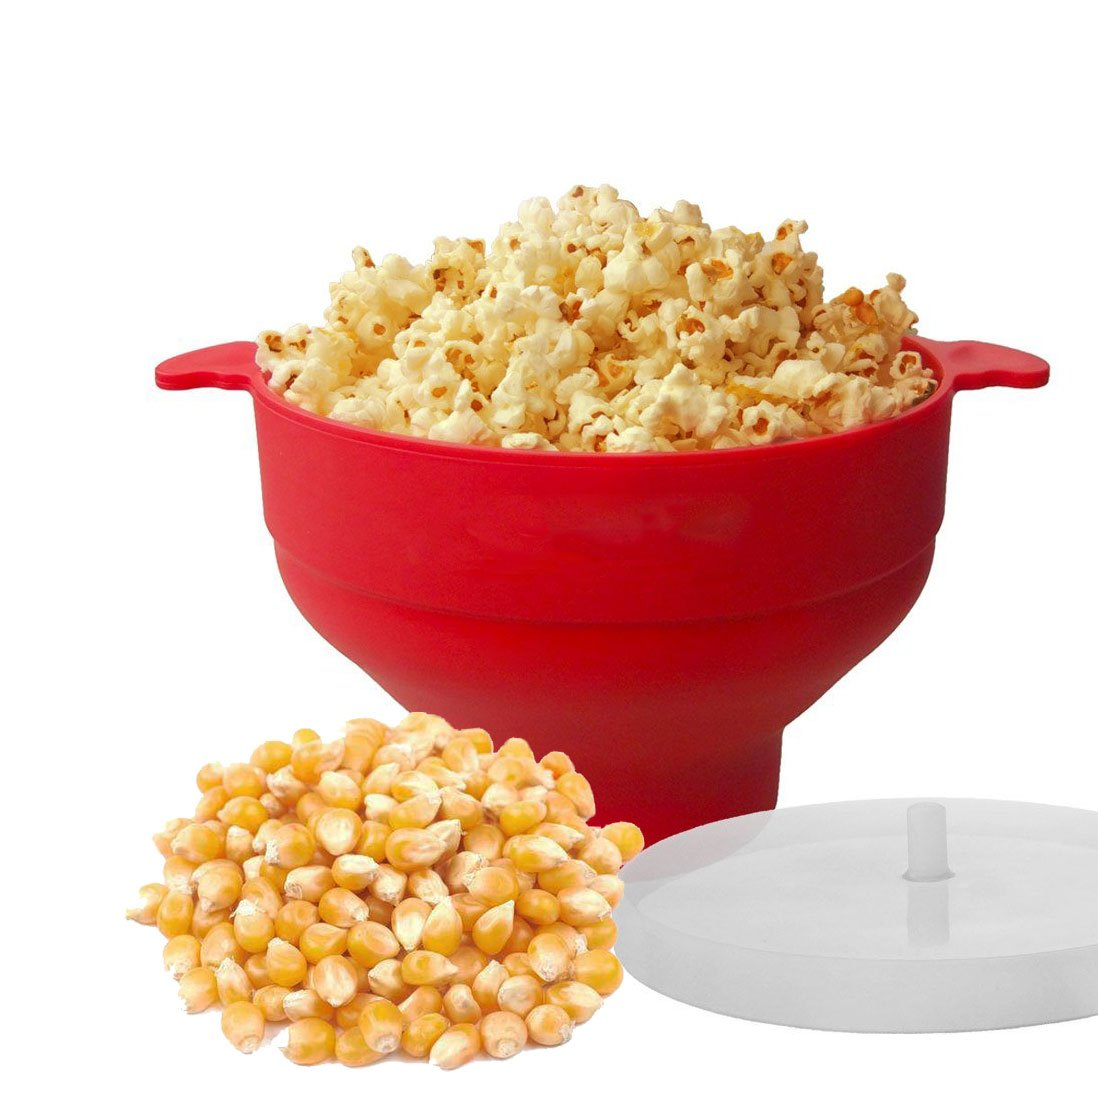 Popcorn Ciotola, Wanxida Ciotola Pieghevole per Forno a Microonde Ciotola in Silicone con Comode Maniglie lavabile in lavastoviglie Senza Olio BPA Free Popcorn Popper con Coperchio Antispruzzo